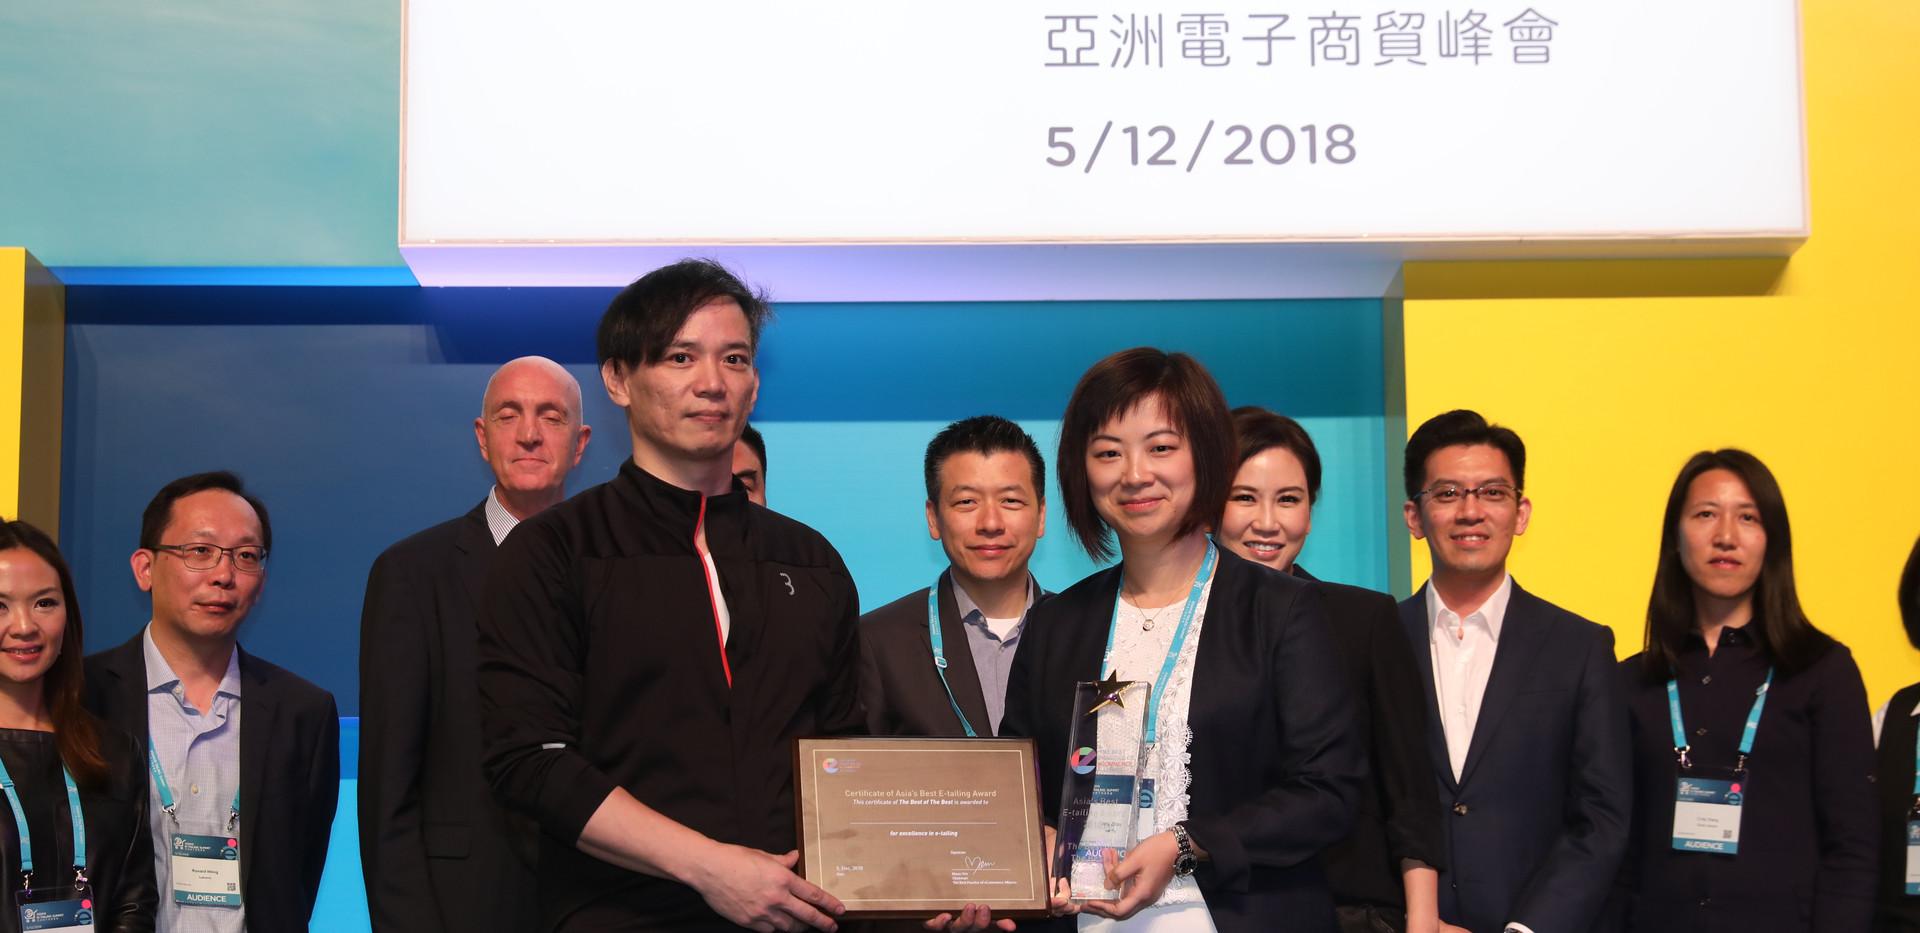 HKTVmall - Best of the Best Award 2018